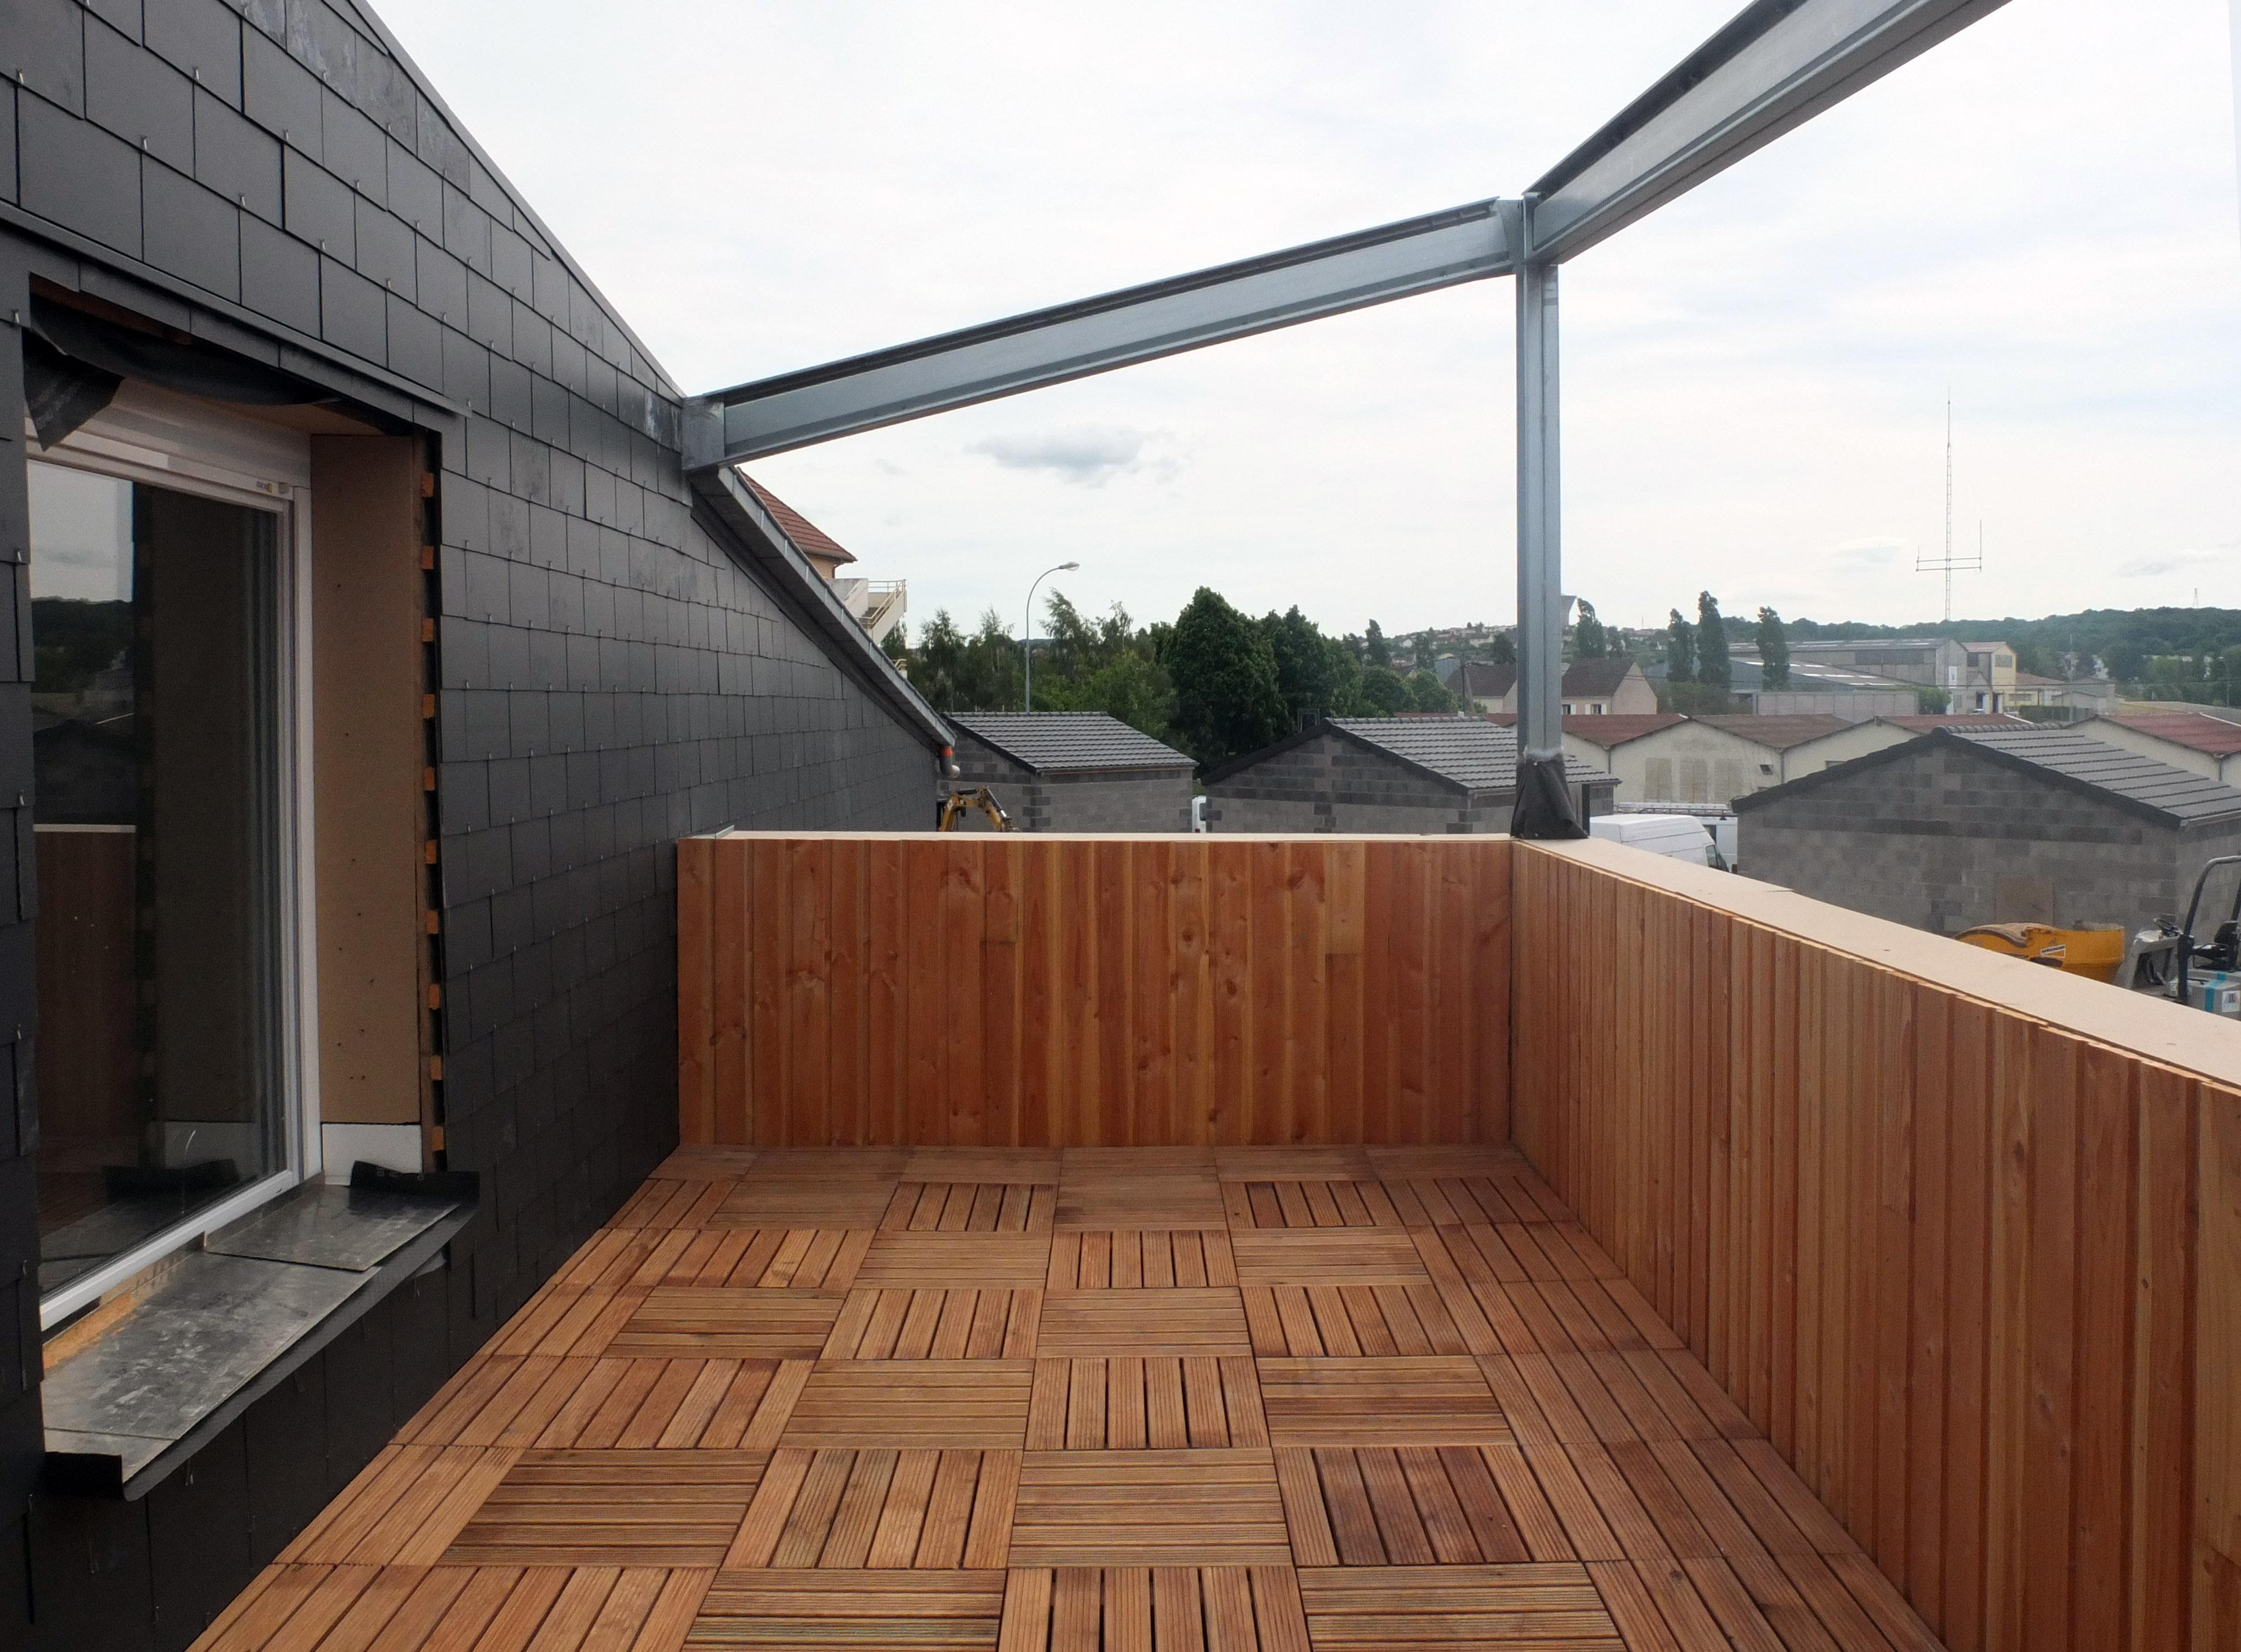 Chantier gueugnon zoomfactor architectes paris for Chantier architecte